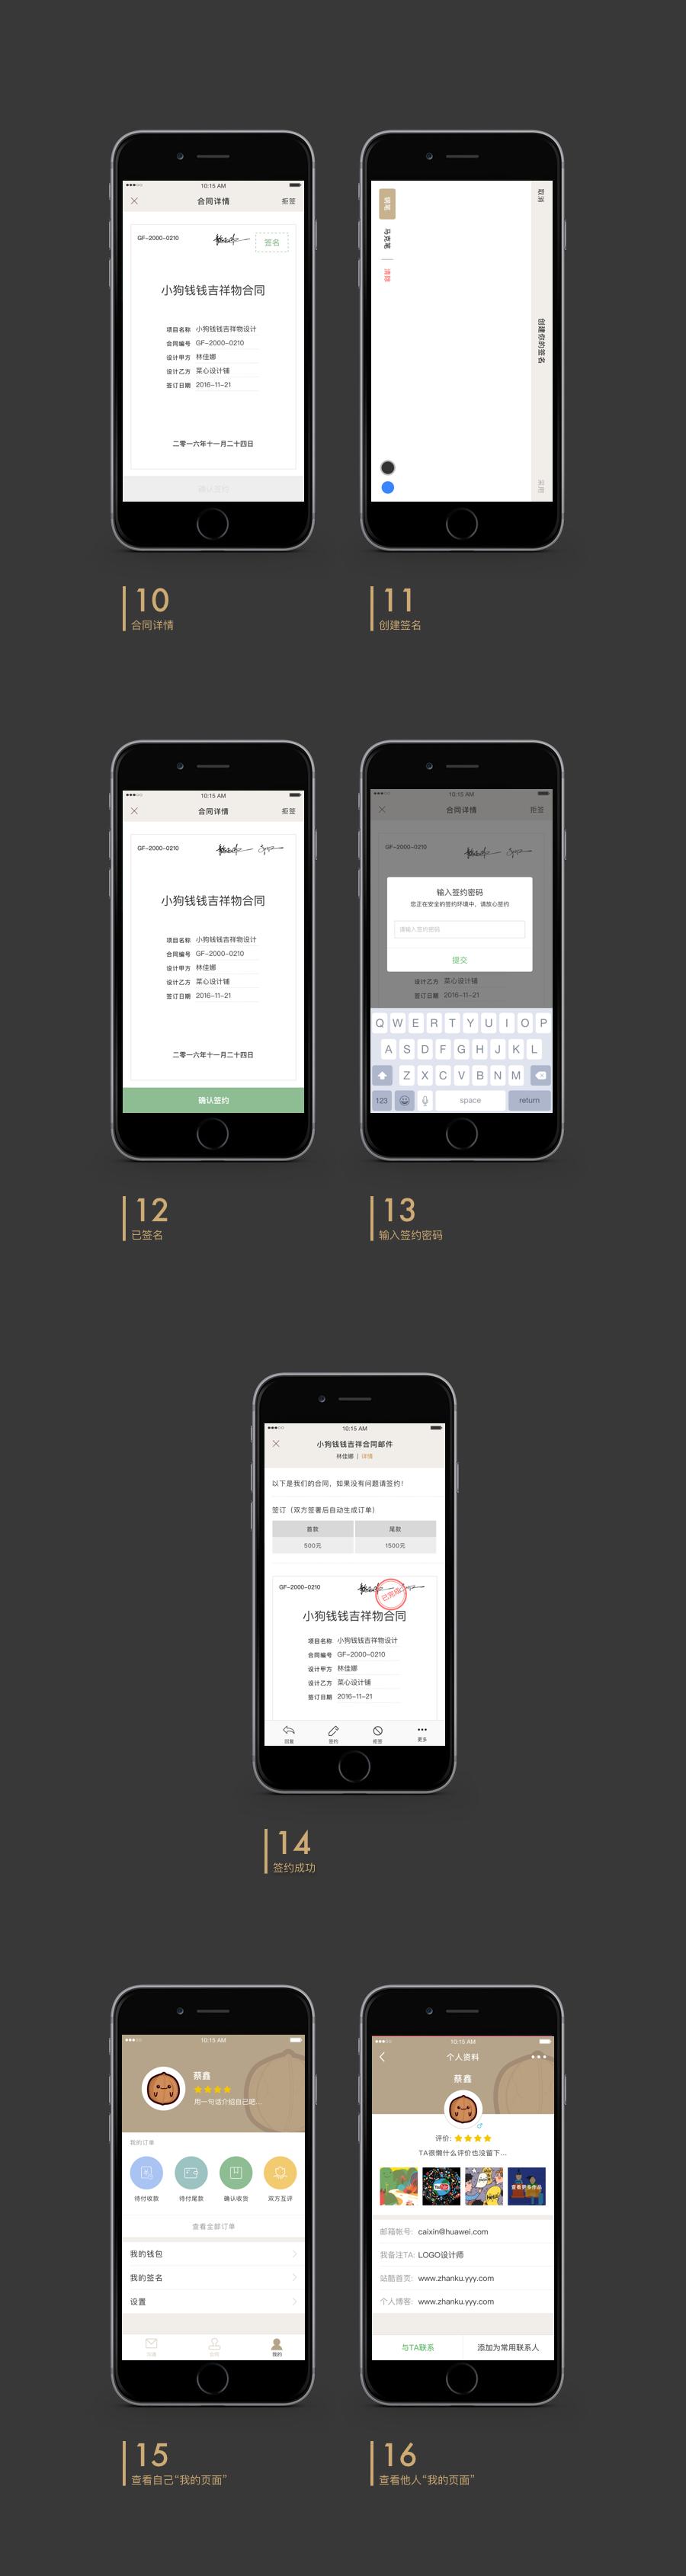 实战分享:核桃App界面设计及视觉规范 | 人人都是产品经理